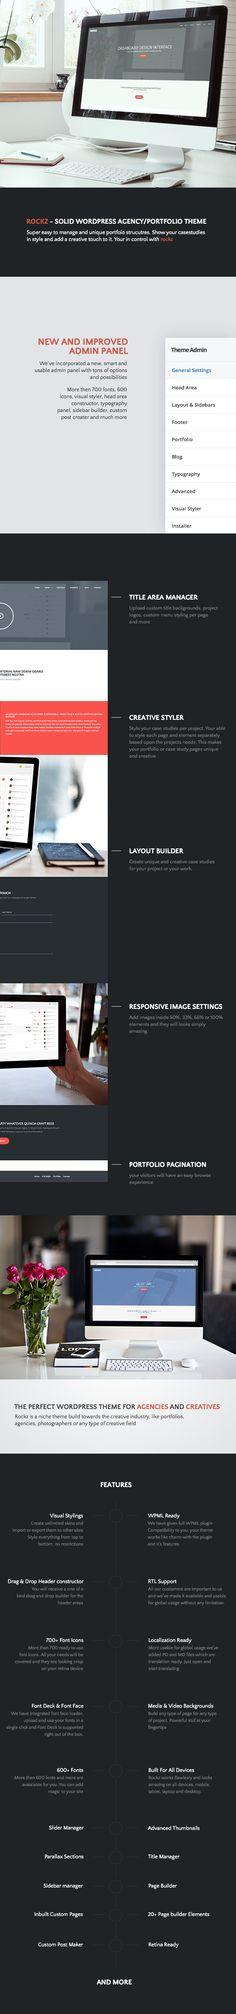 Rockz - Solid Wordpress Agency/Portfolio Theme